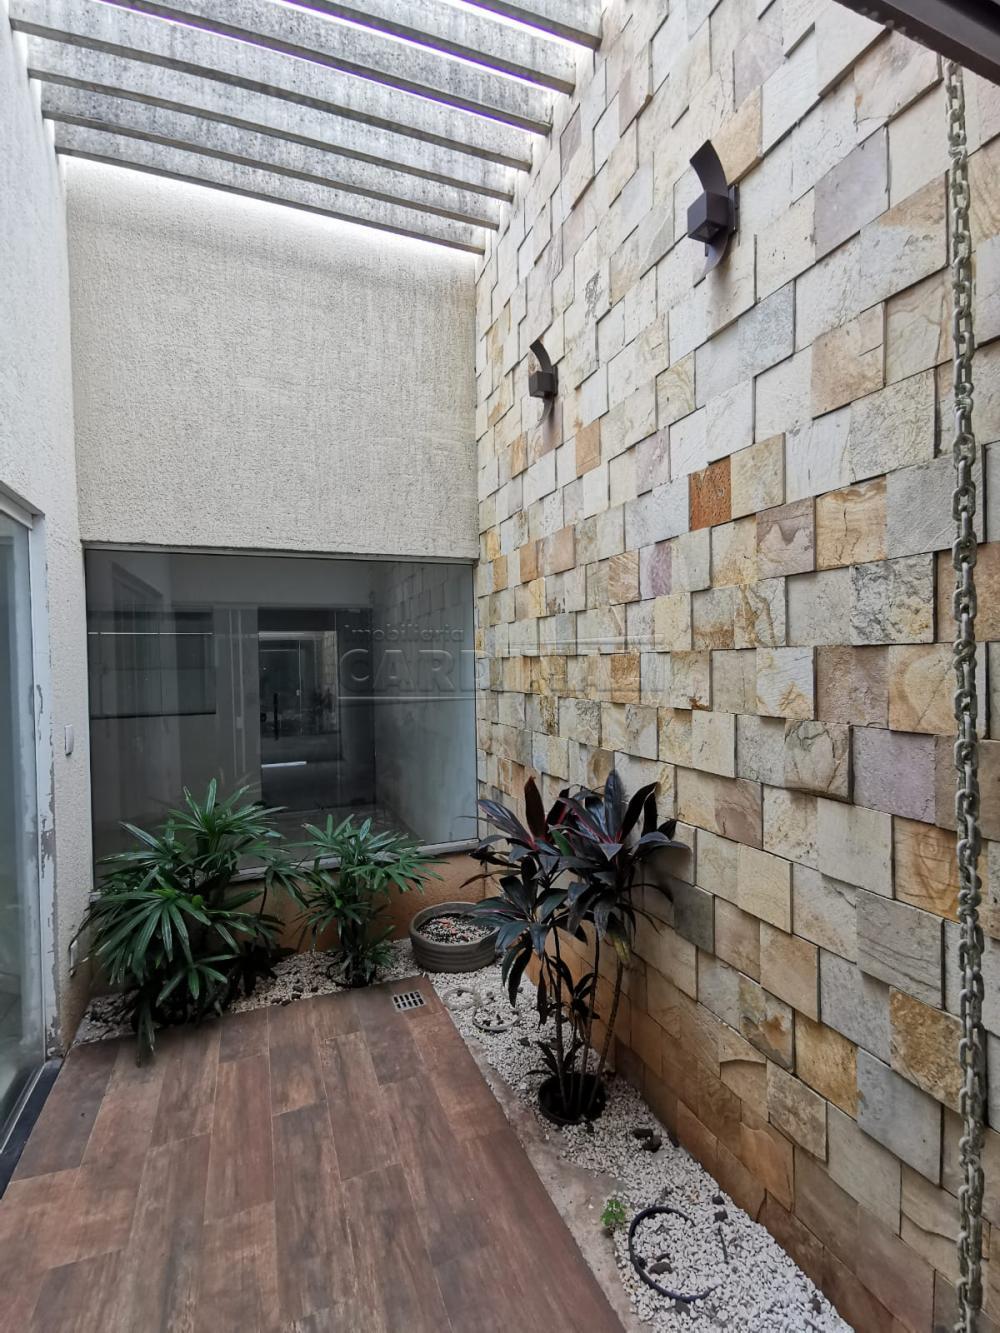 Comprar Casa / Padrão em Araraquara R$ 300.000,00 - Foto 11